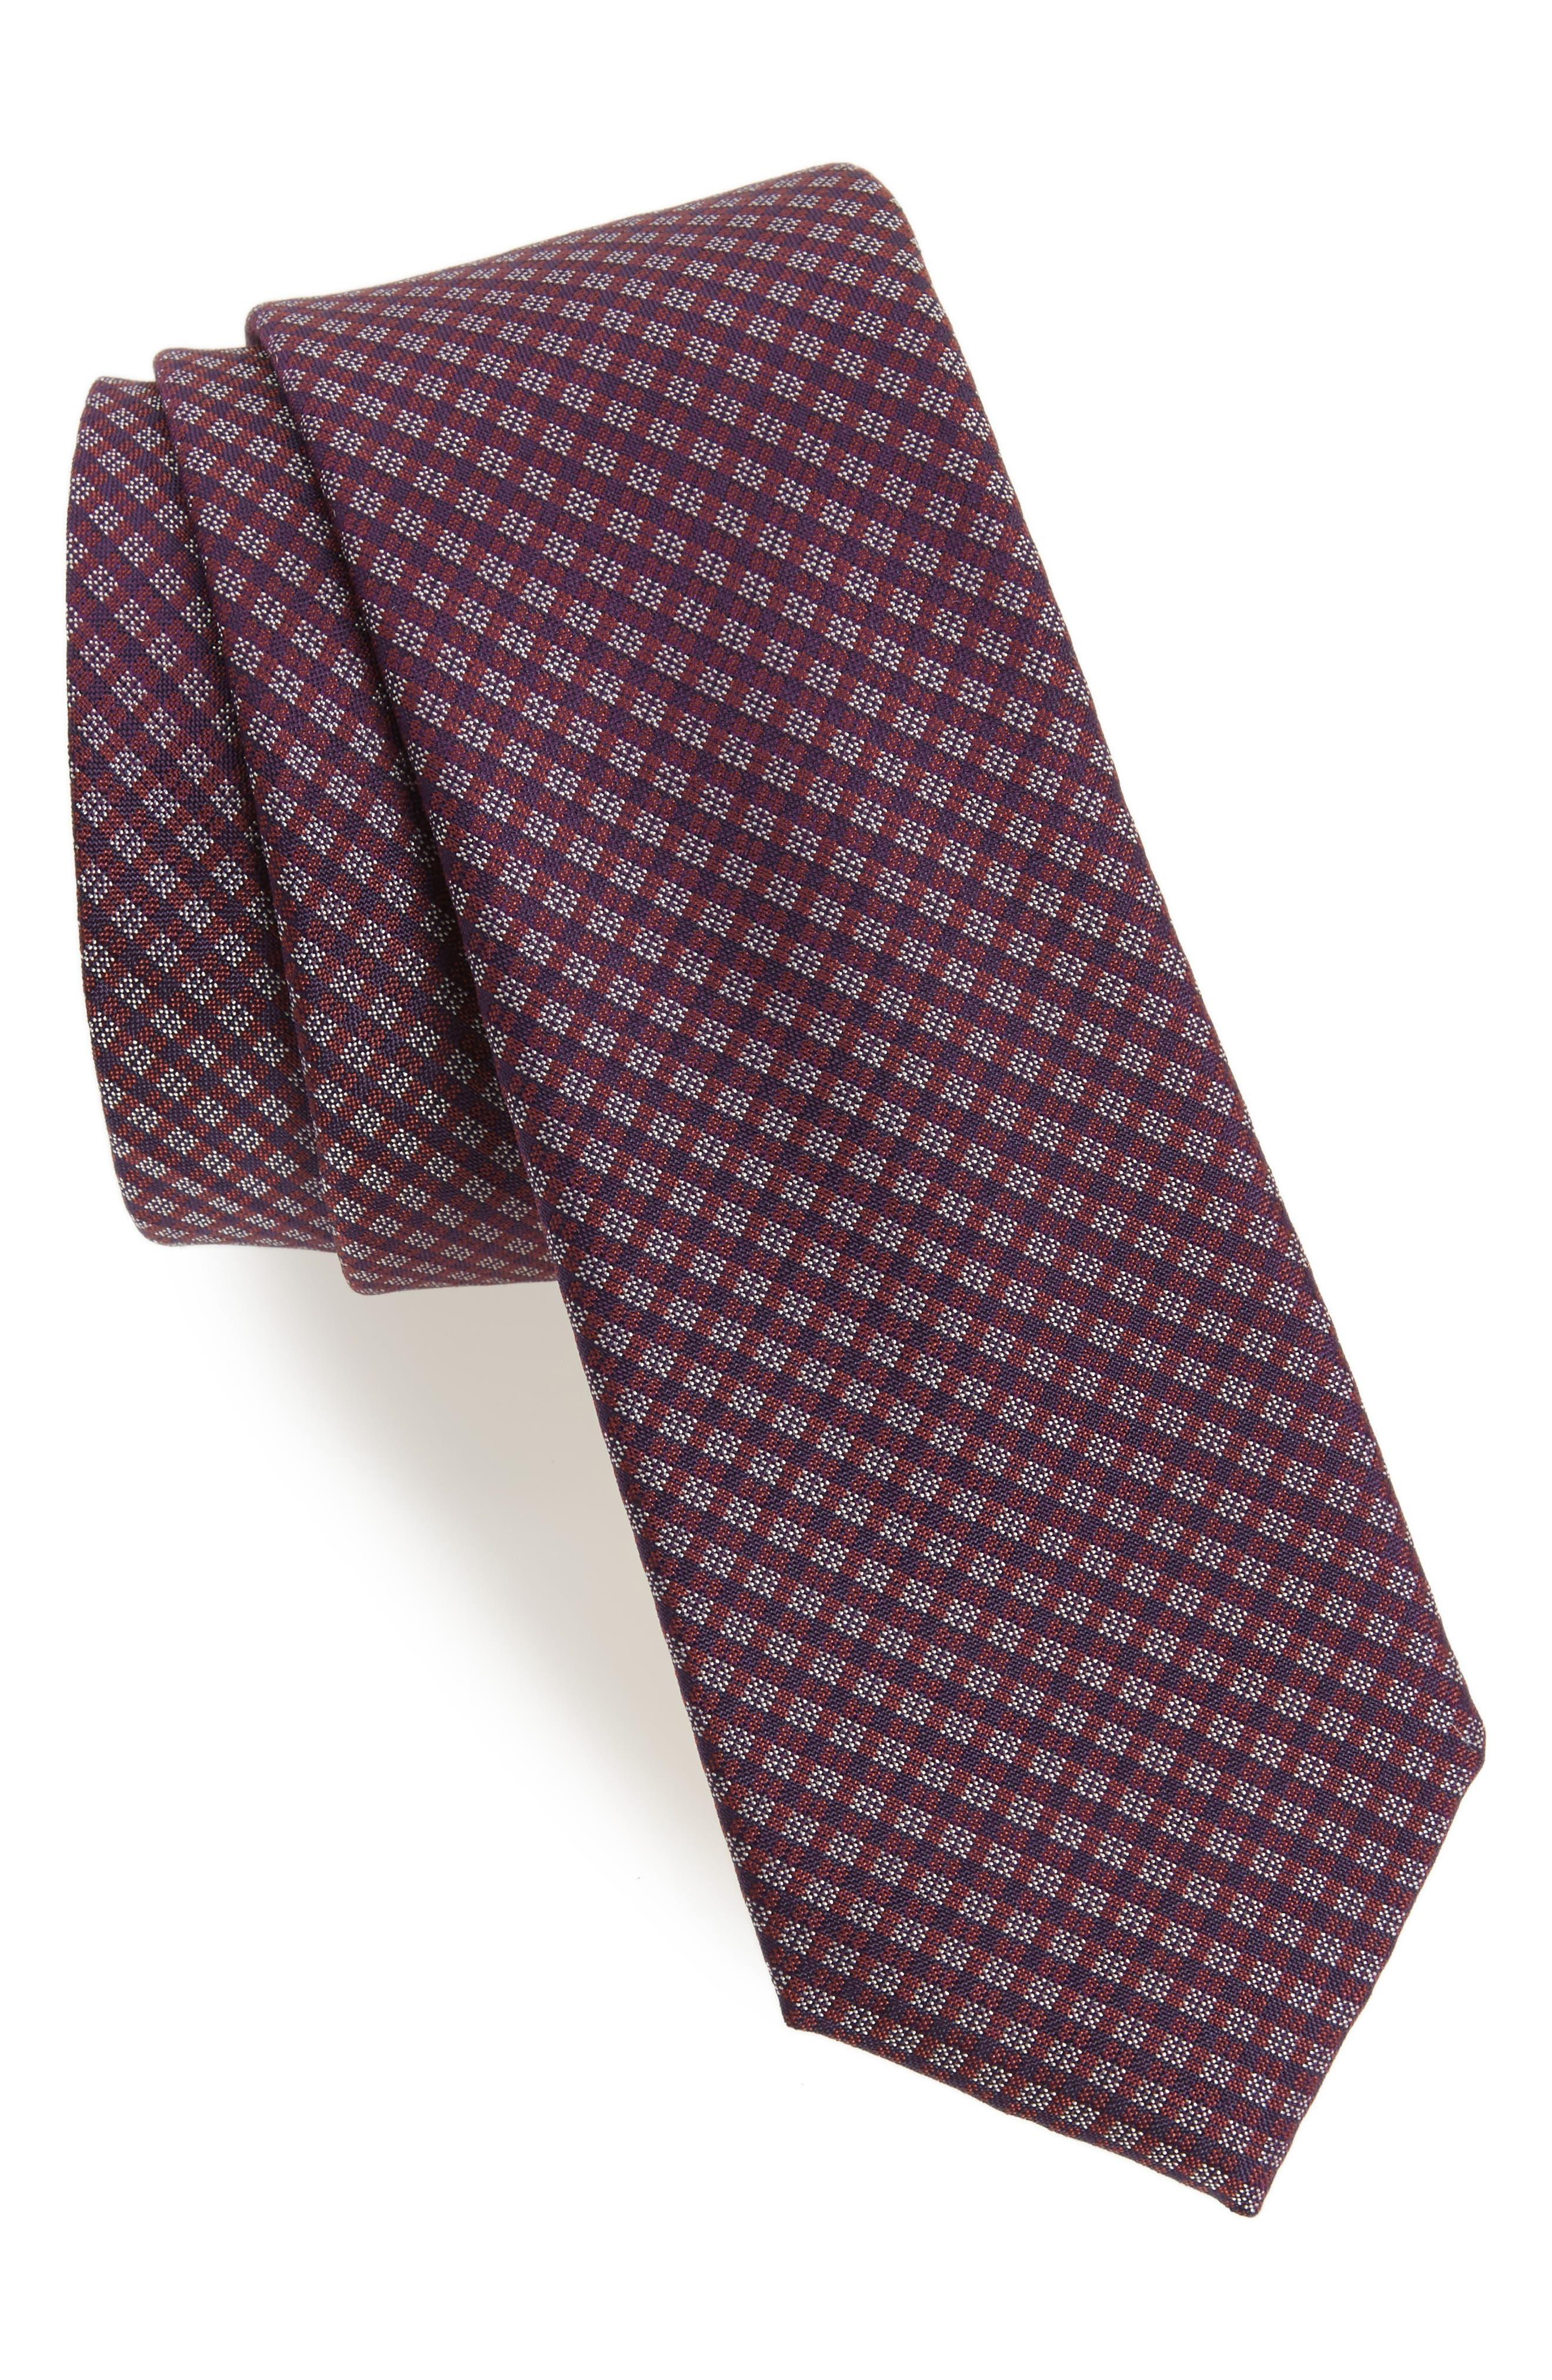 Main Image - Calibrate Microcheck Silk Tie